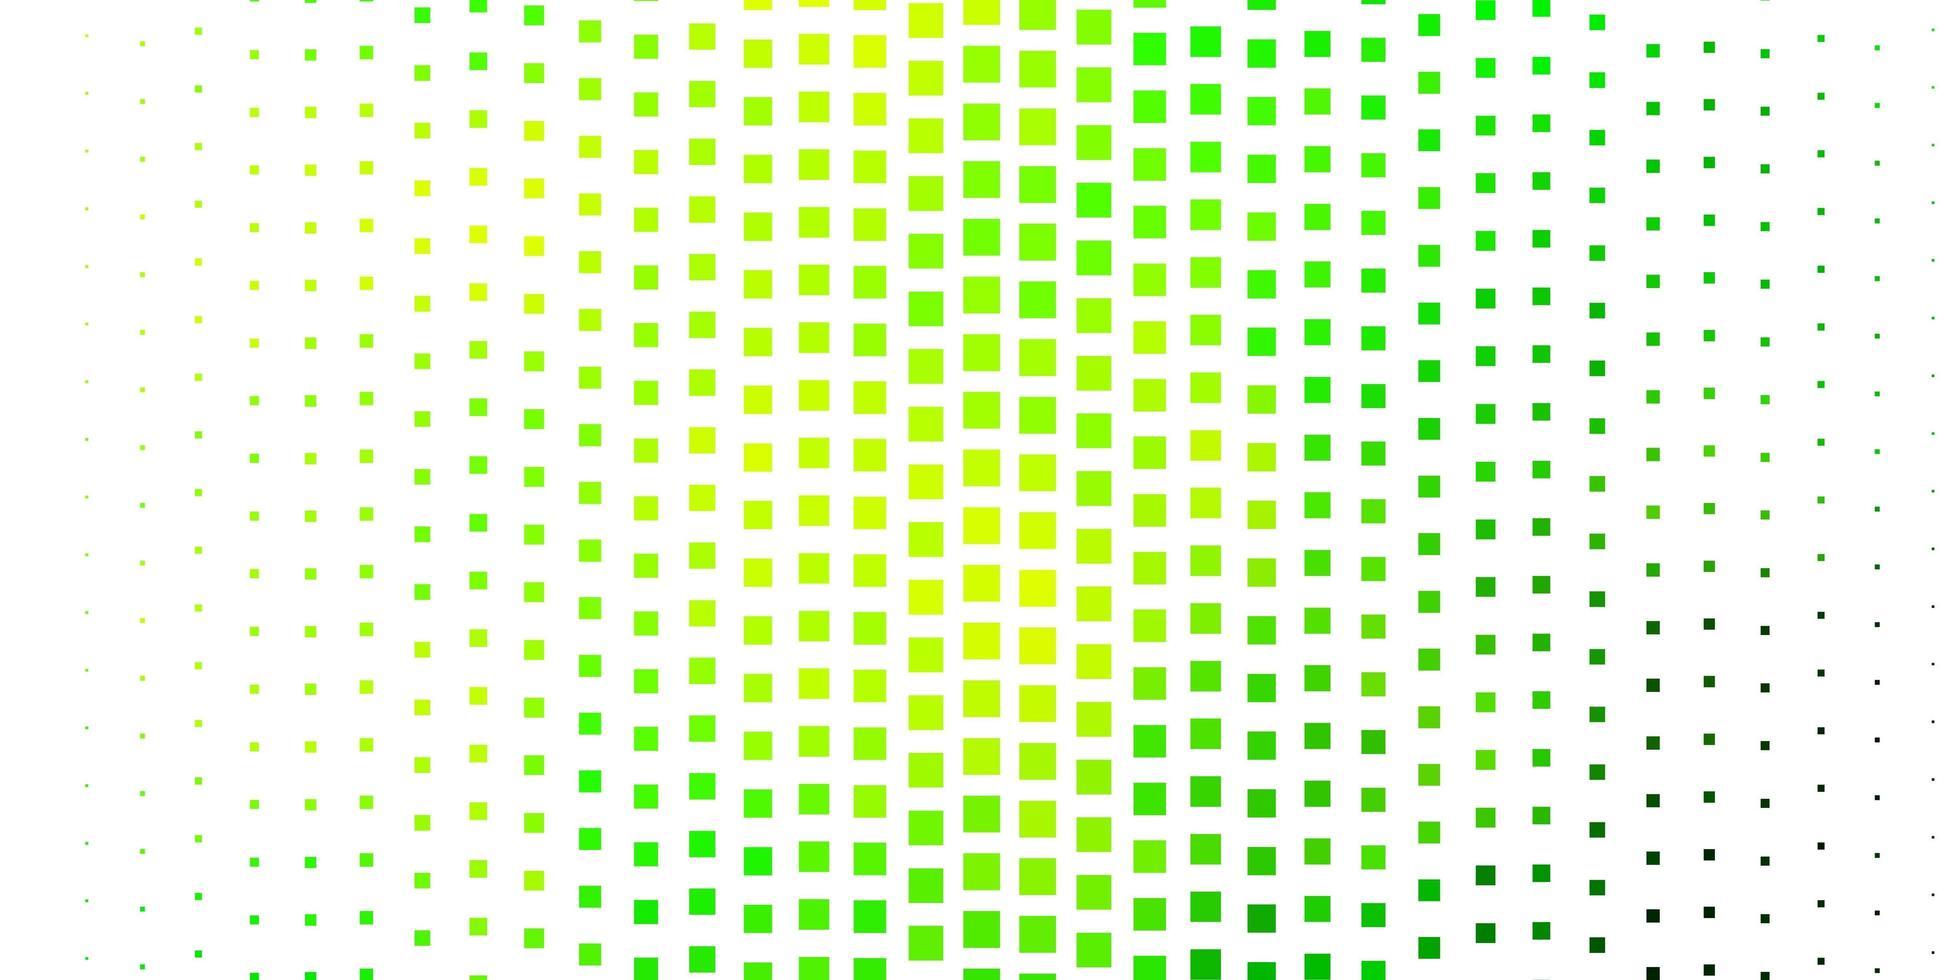 hellgrüne, gelbe Vektorbeschaffenheit im rechteckigen Stil. vektor